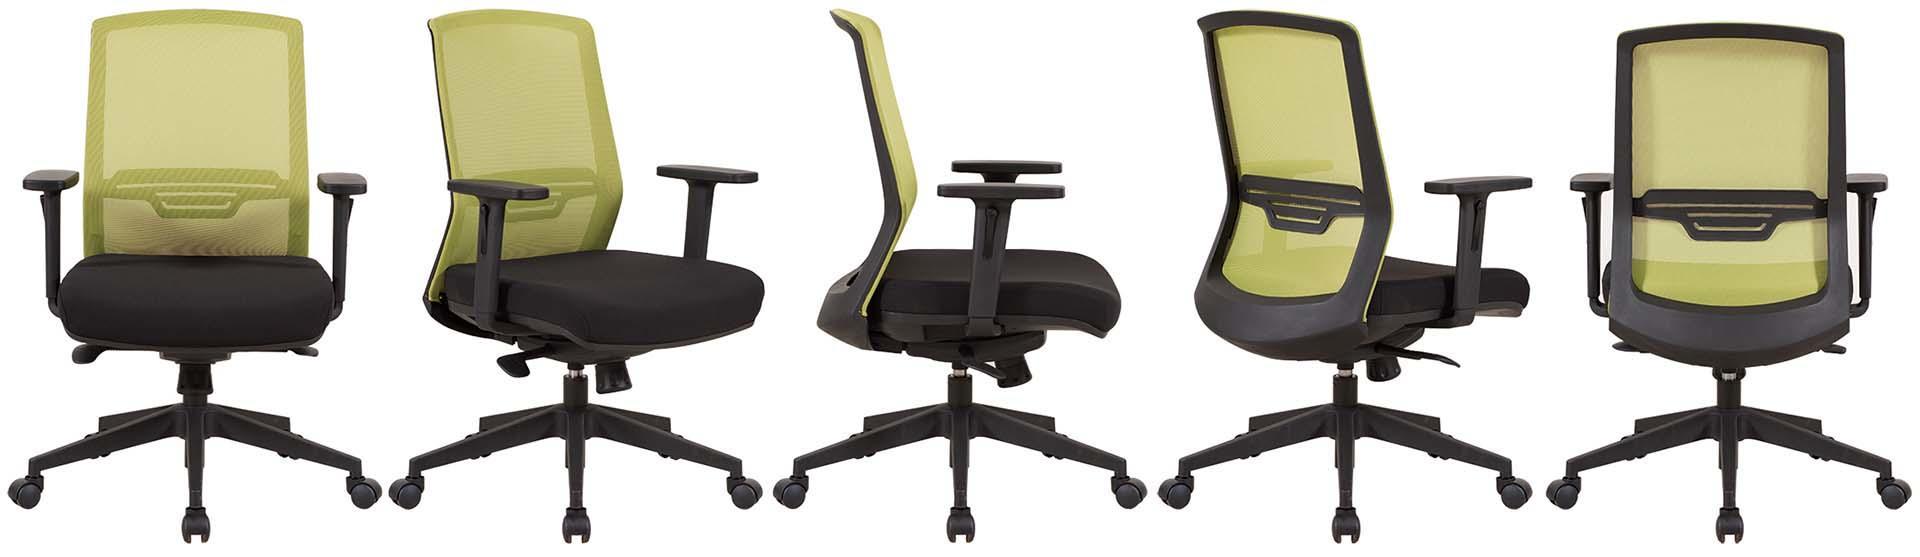 ergonomic ergonomic desk furniture task for-sale for room-1